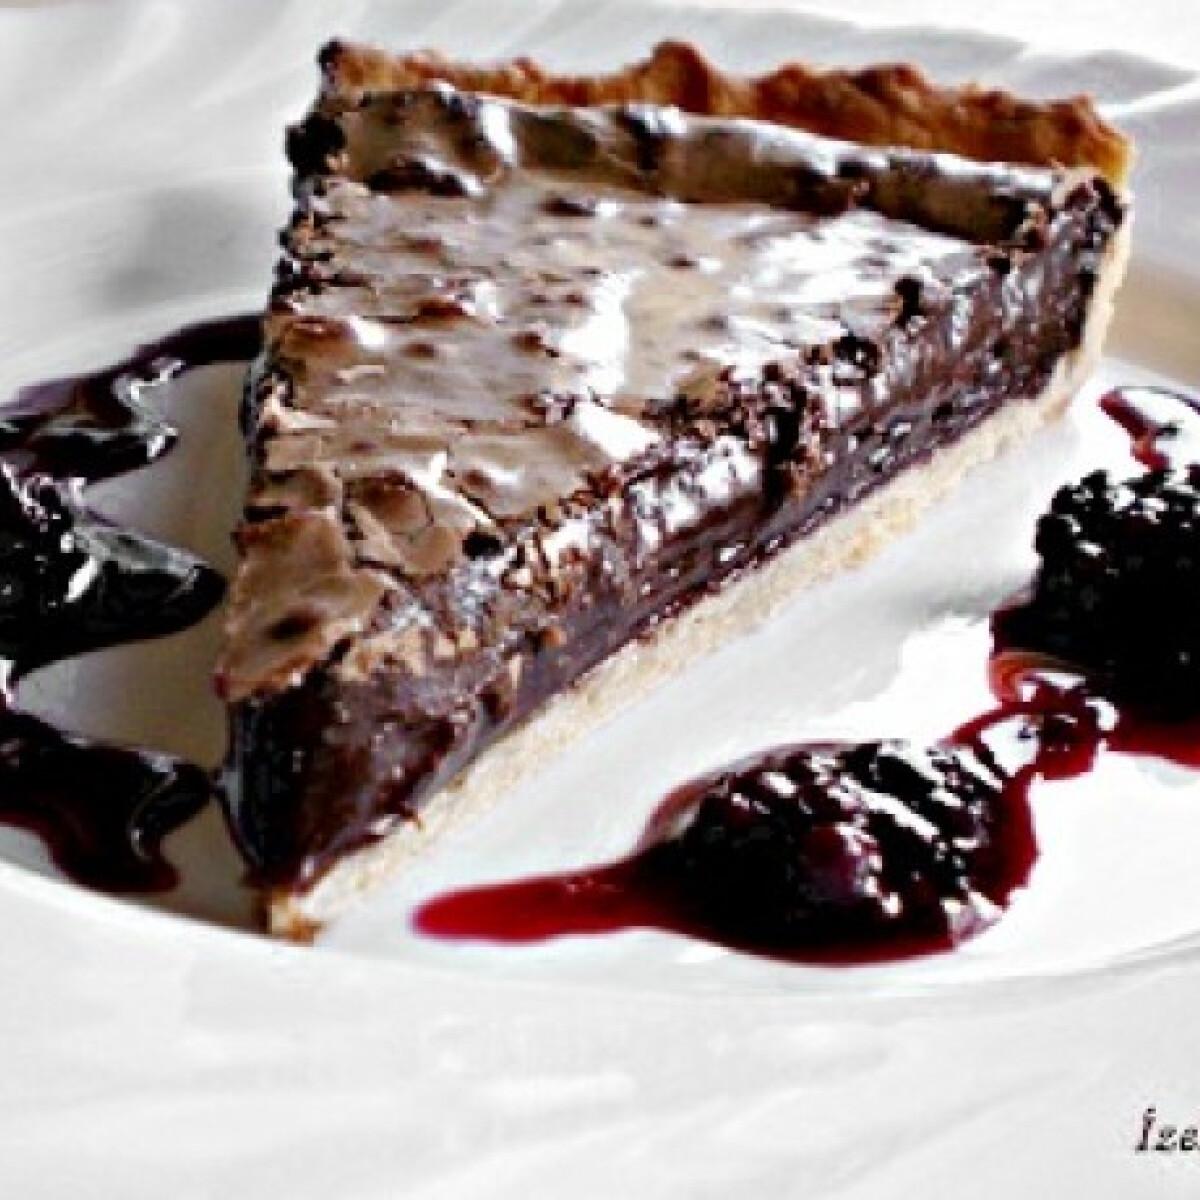 Ezen a képen: Csokoládés pite vörösboros szederöntettel